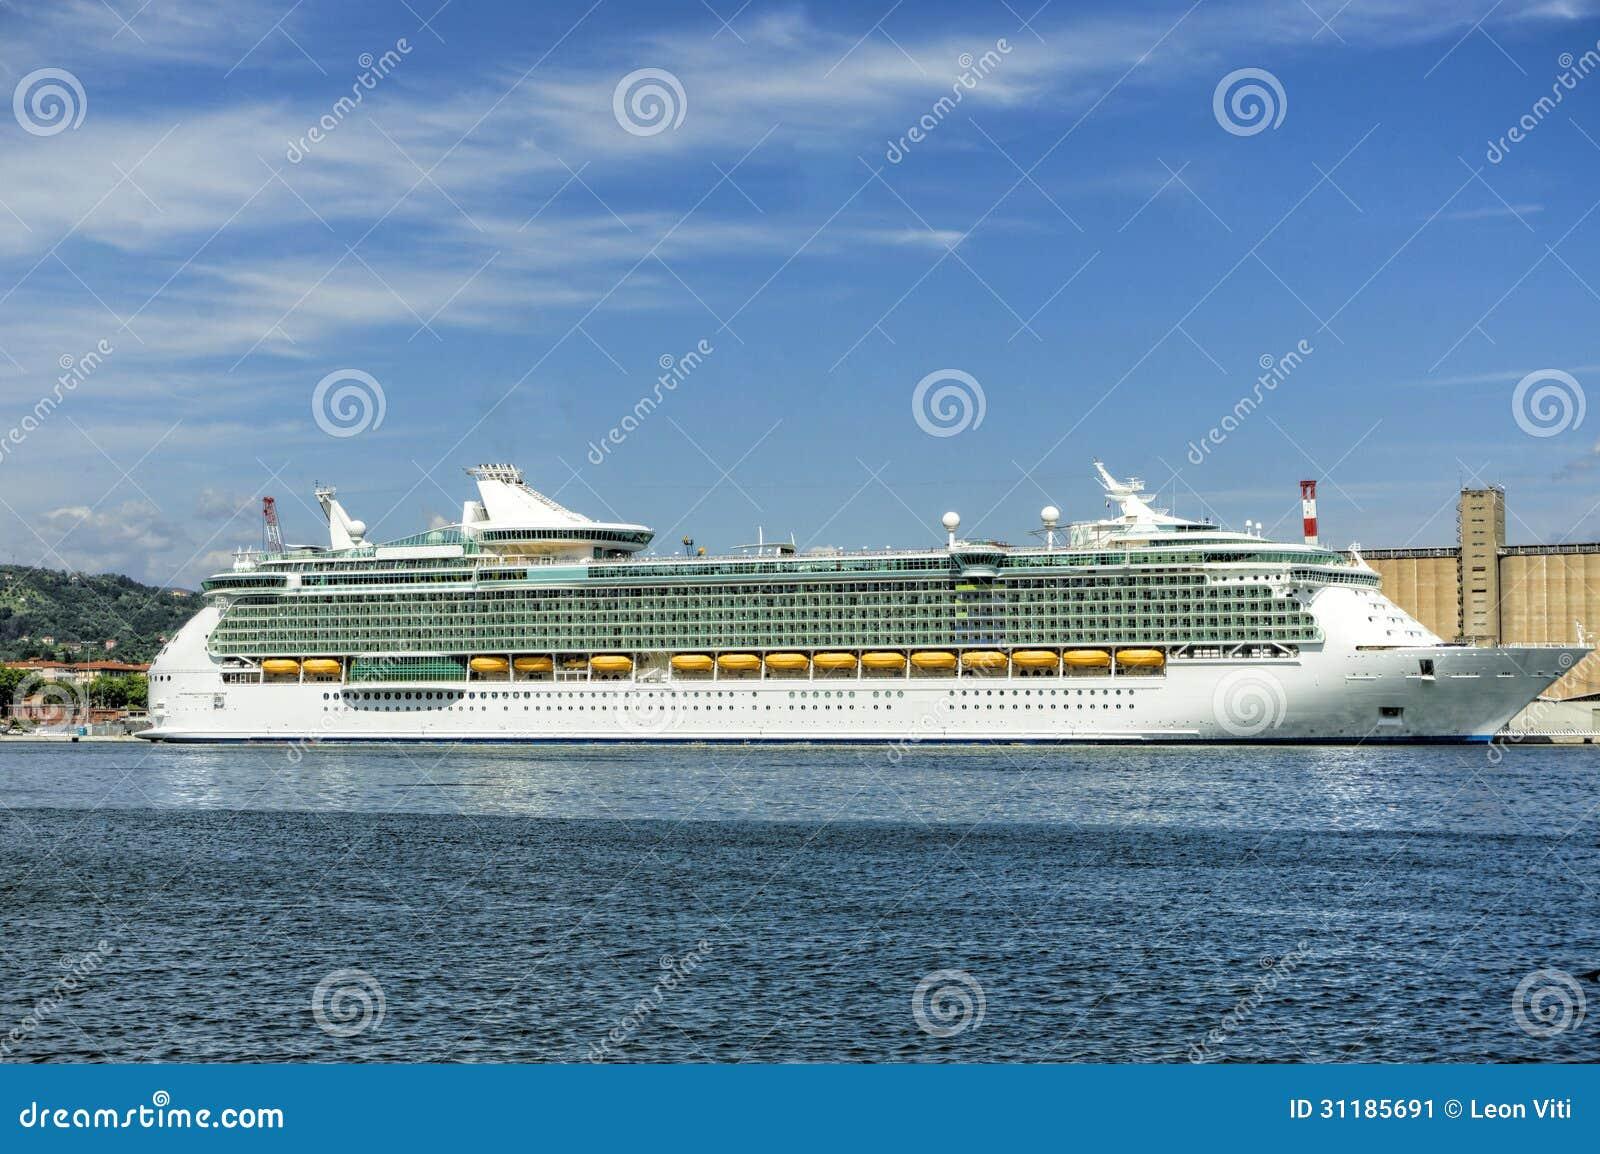 incontri la spezia cruise Cuneo